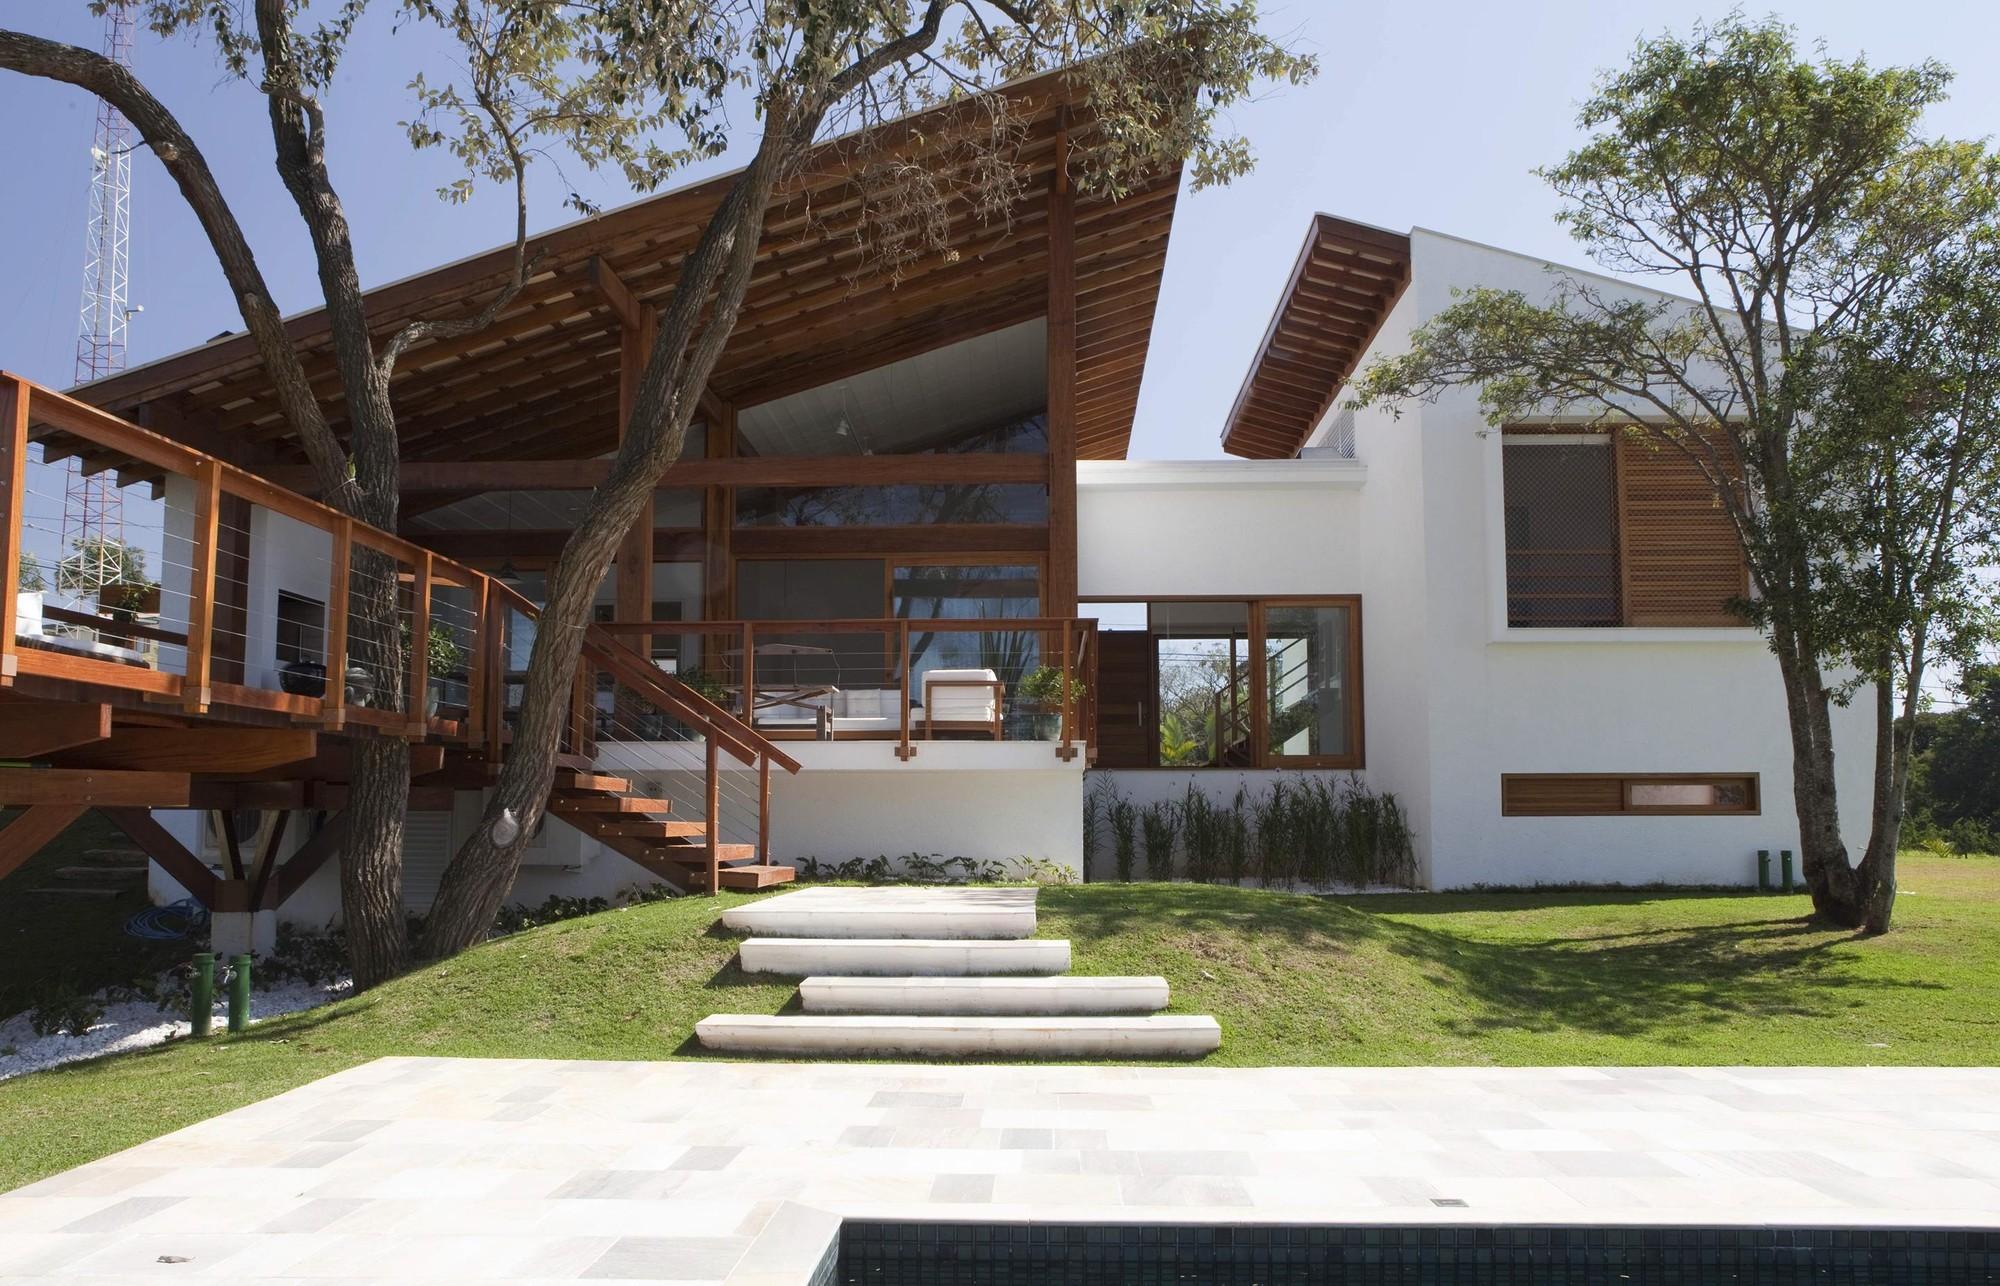 Casa en el condominio vila real de itu gebara conde for Casas en condominio